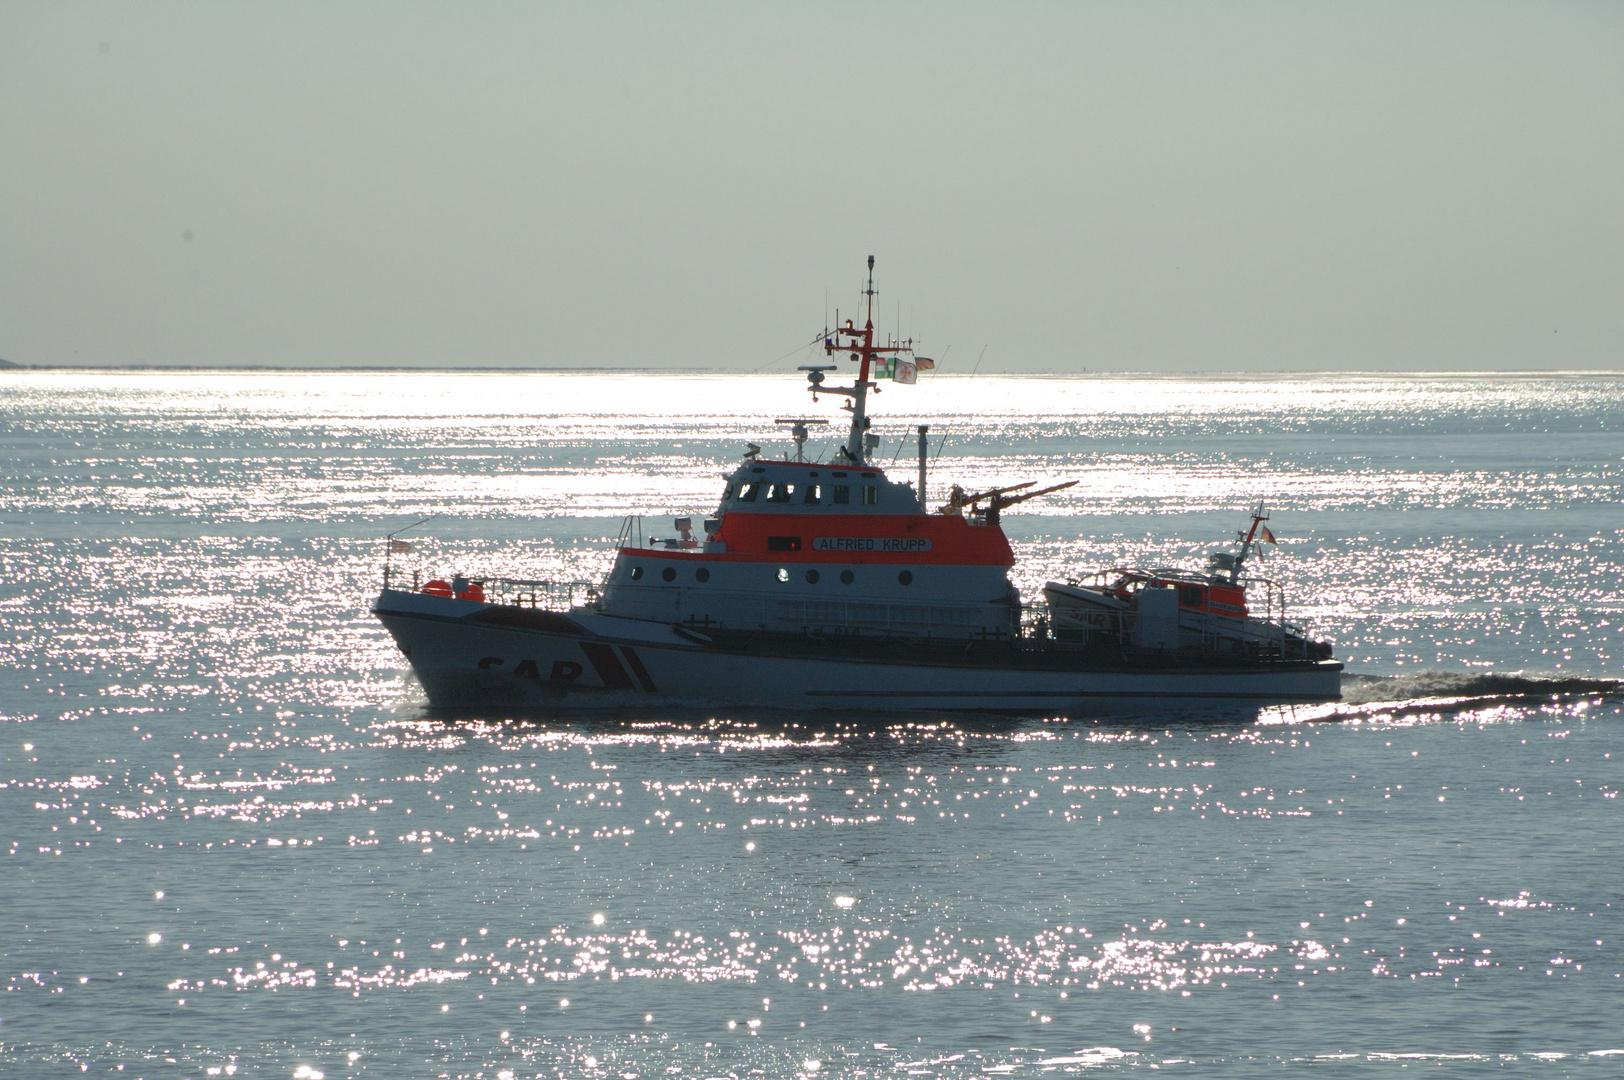 Seenotkreuzer in der Nordsee